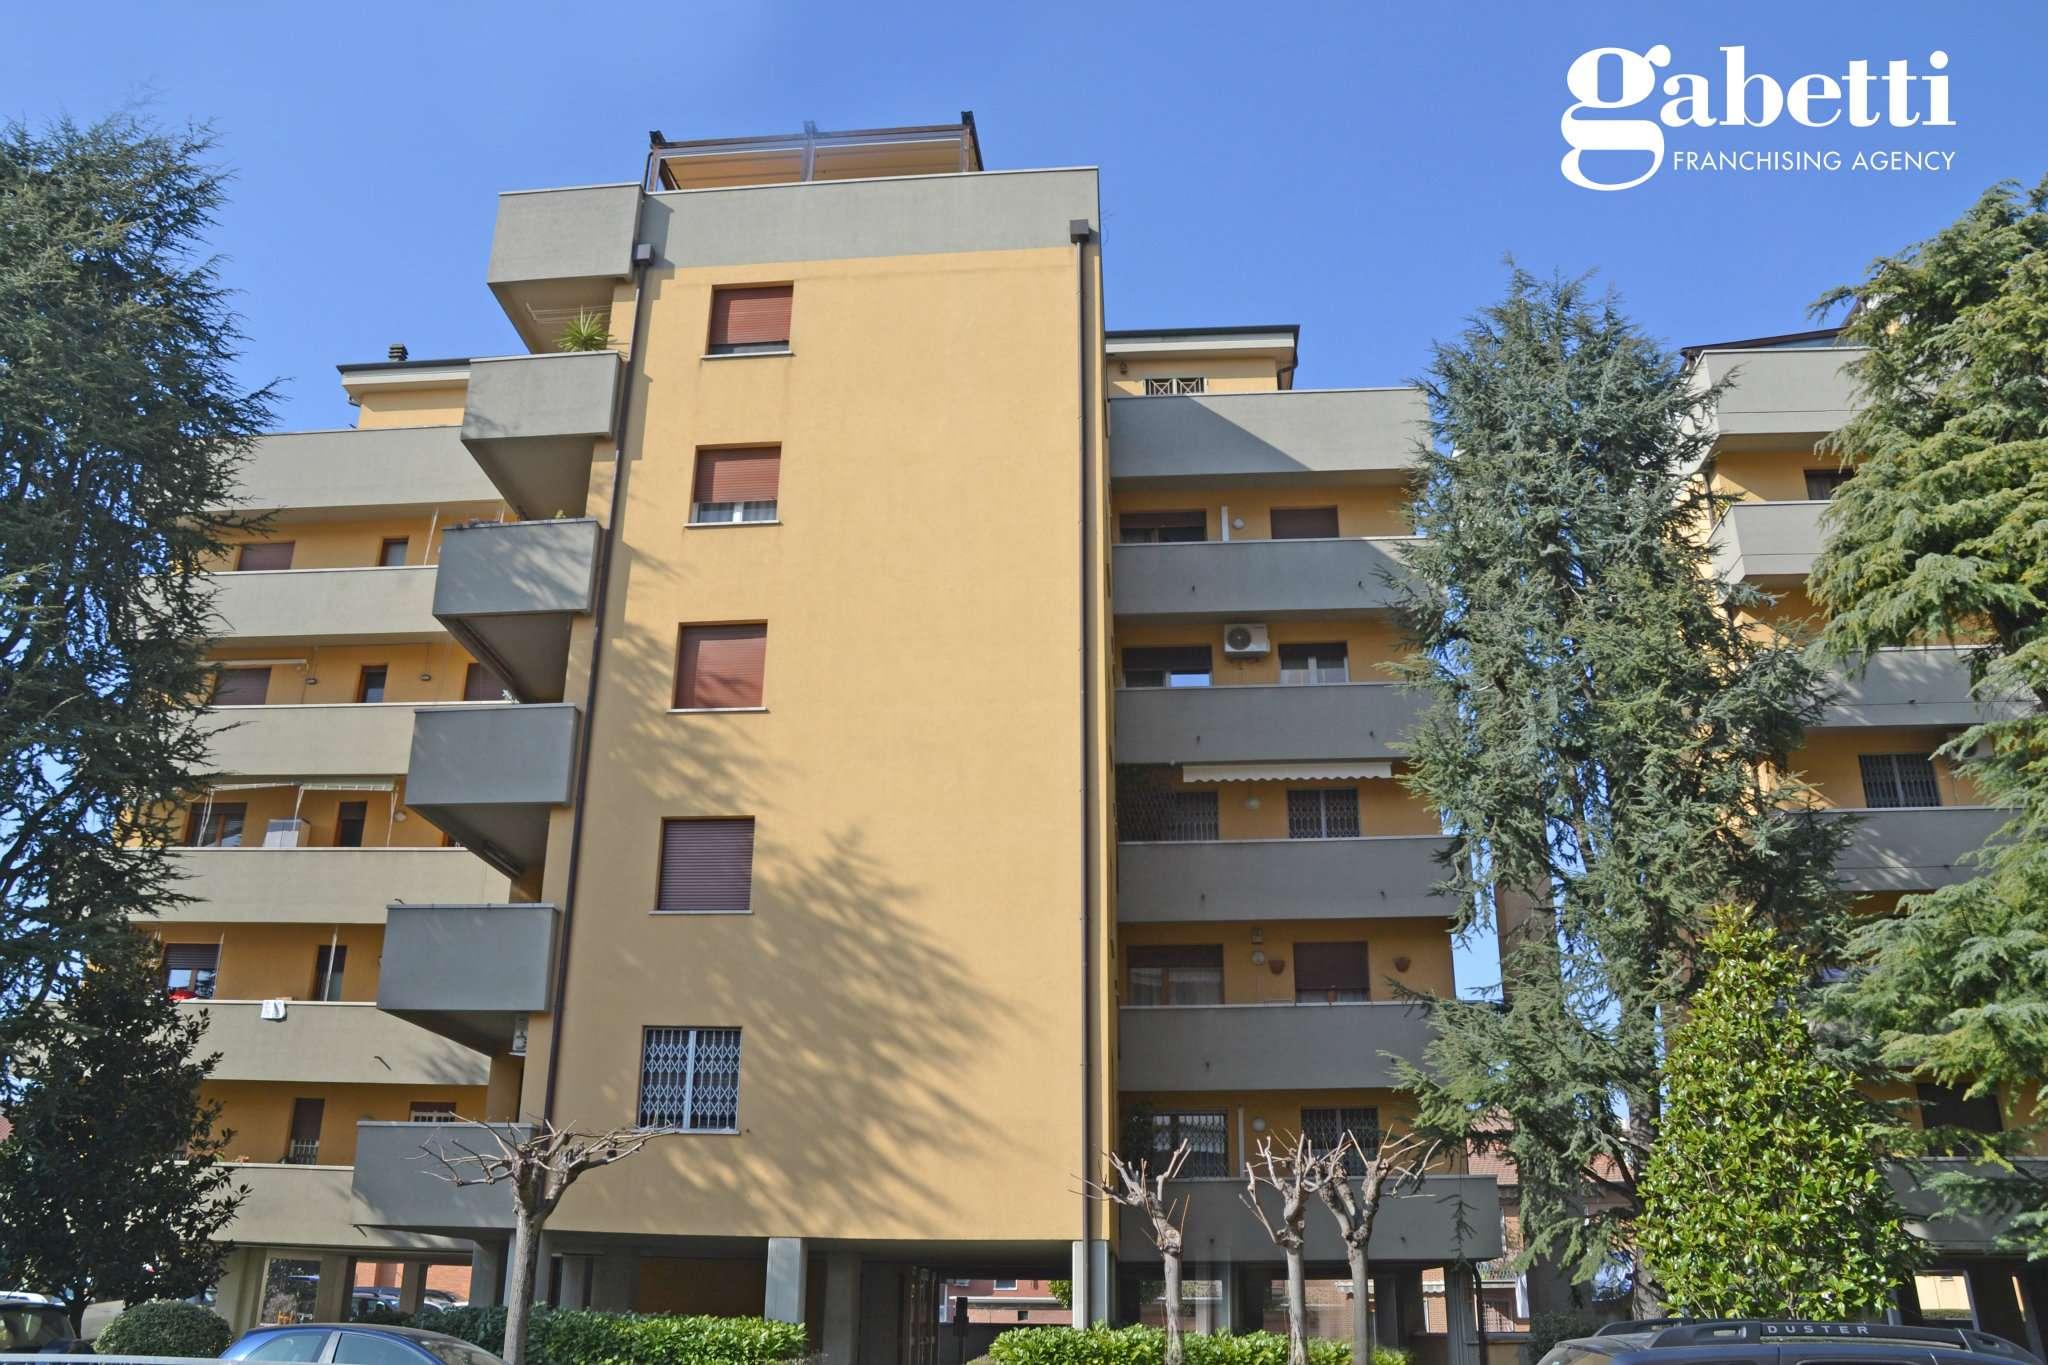 Appartamento in vendita a Castel Maggiore, 4 locali, prezzo € 248.000 | CambioCasa.it